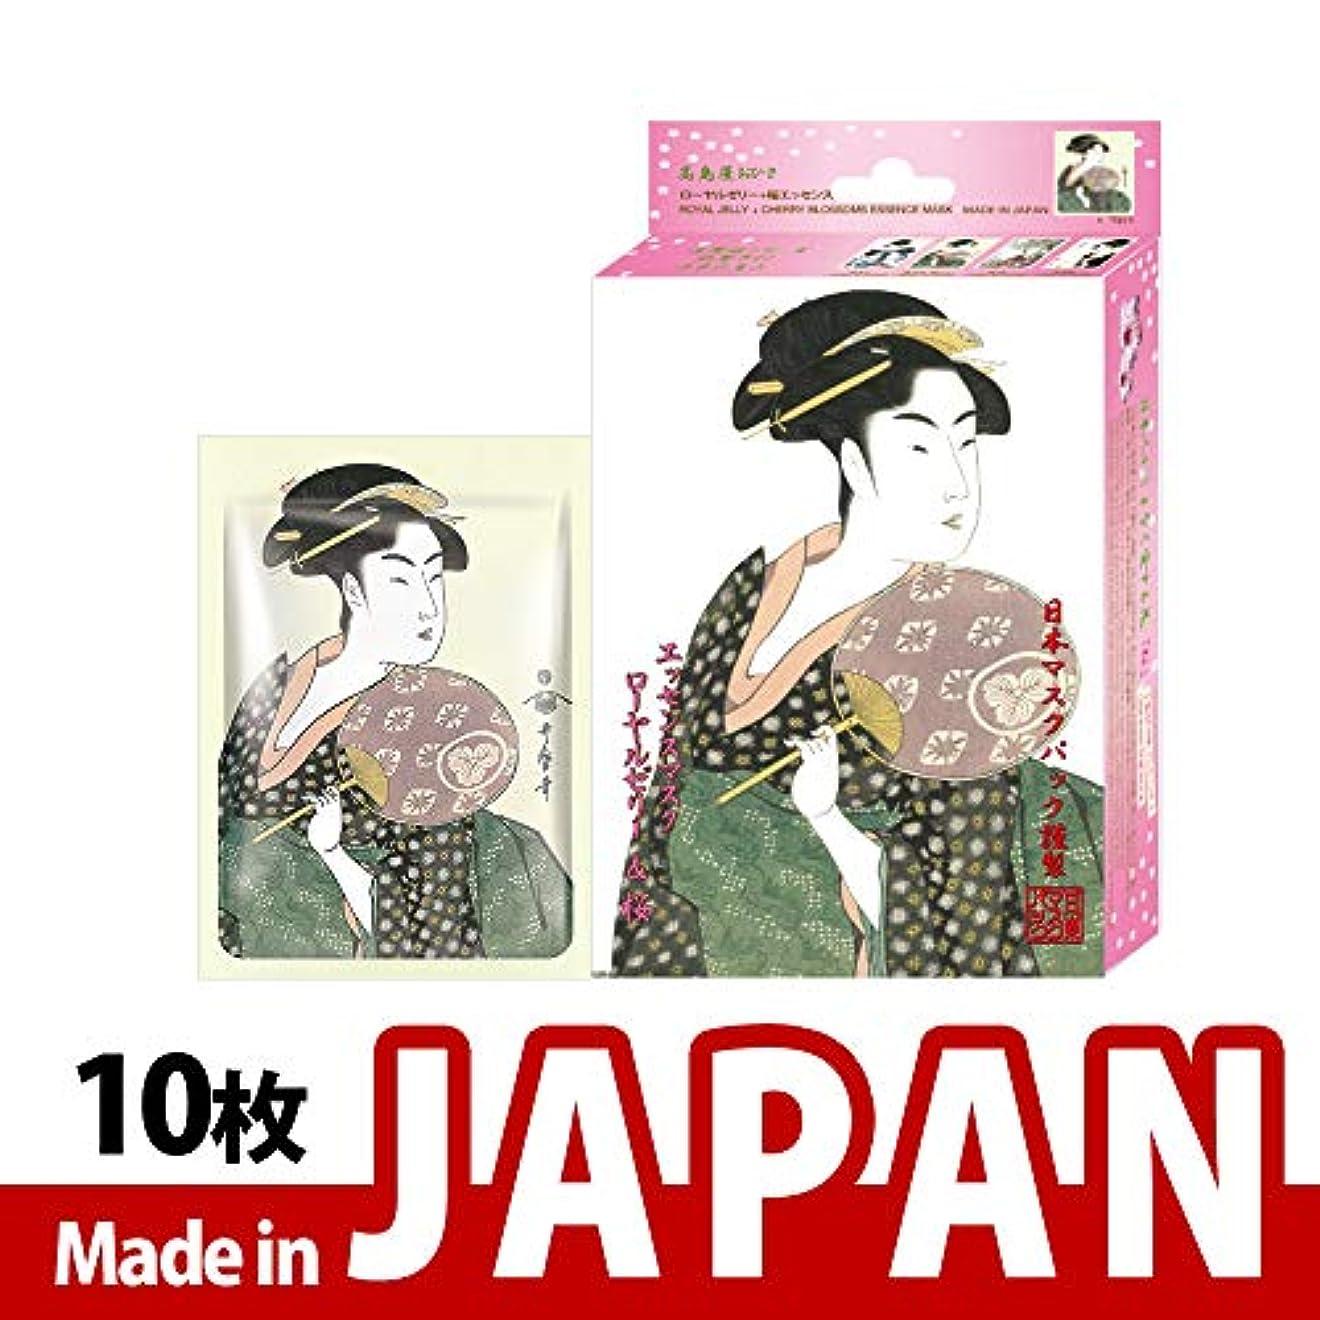 適合しましたトライアスロンレビュアーMITOMO【JP004-A-1】日本製ローヤルゼリー+桜 肌汚れ対策 シートマスク/10枚入り/10枚/美容液/マスクパック/送料無料